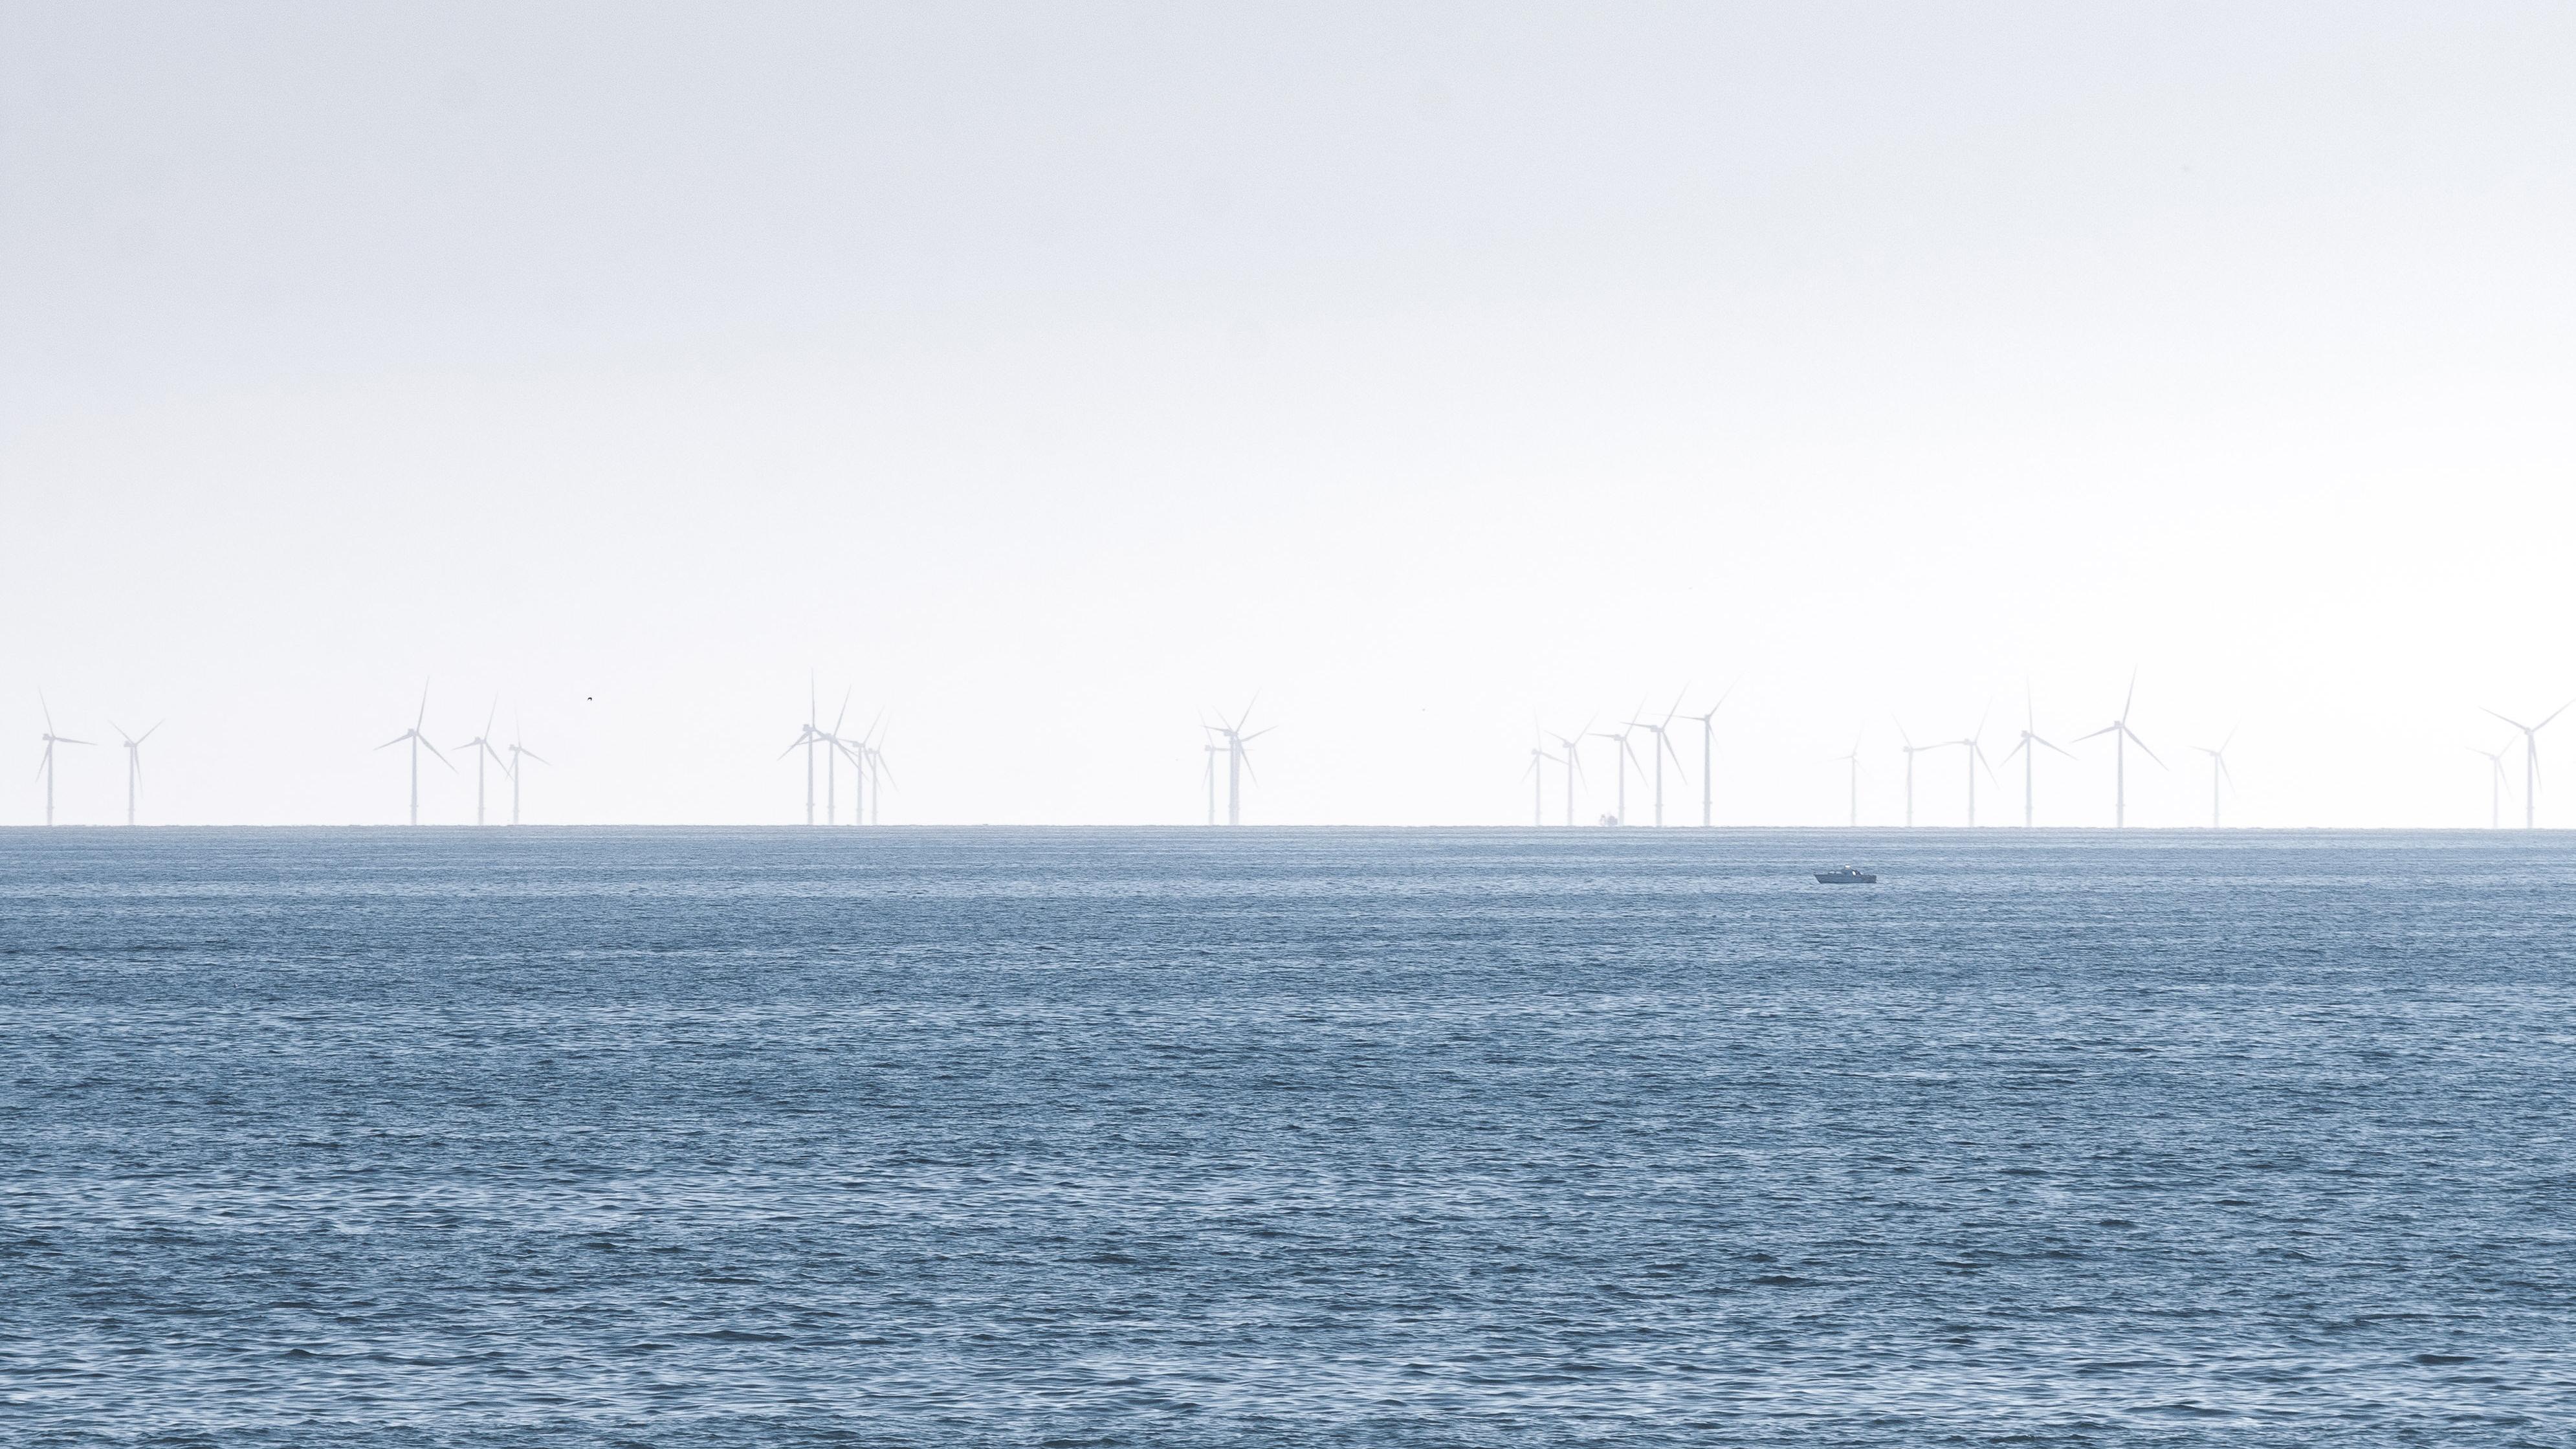 Offshore wind farm, Brighton, UK